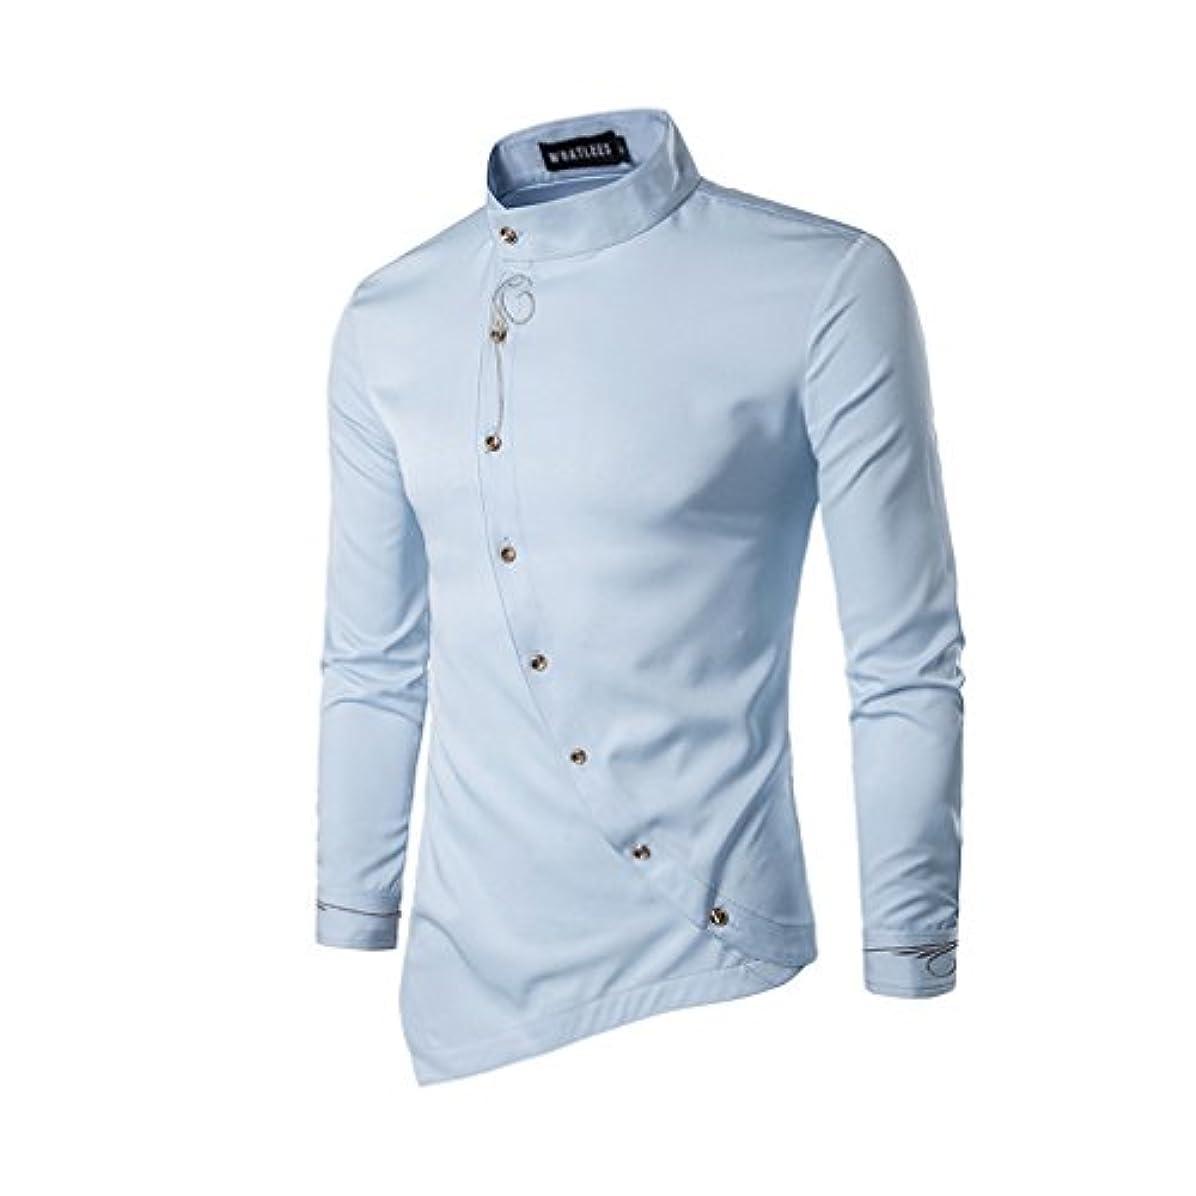 見通し入浴禁止するHonghu メンズ シャツ 長袖 斜めボタン 不規則 多色  ライトブルー L 1PC